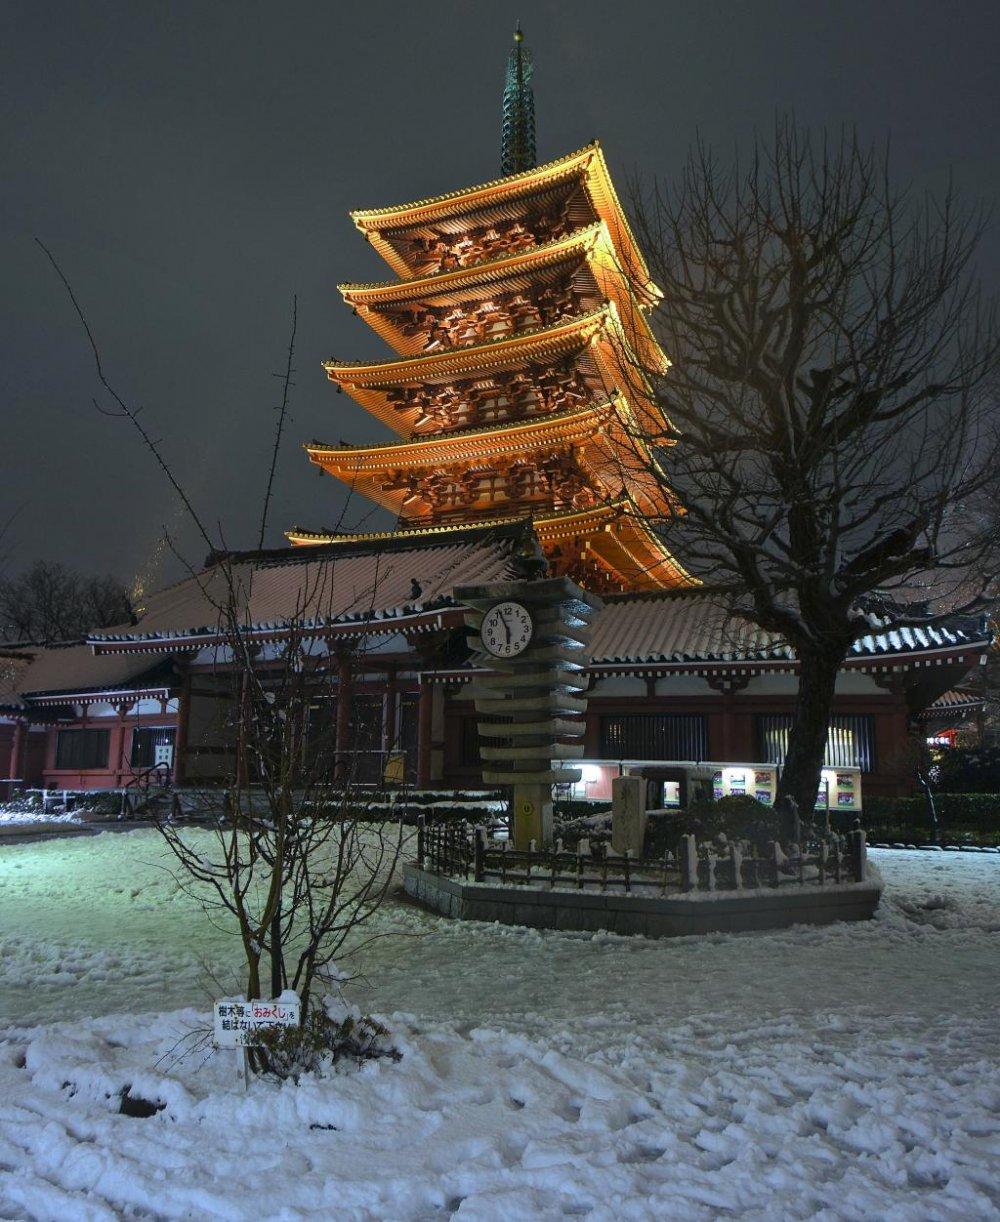 2013년 1월 강설시 독특한 아사쿠사 풍경